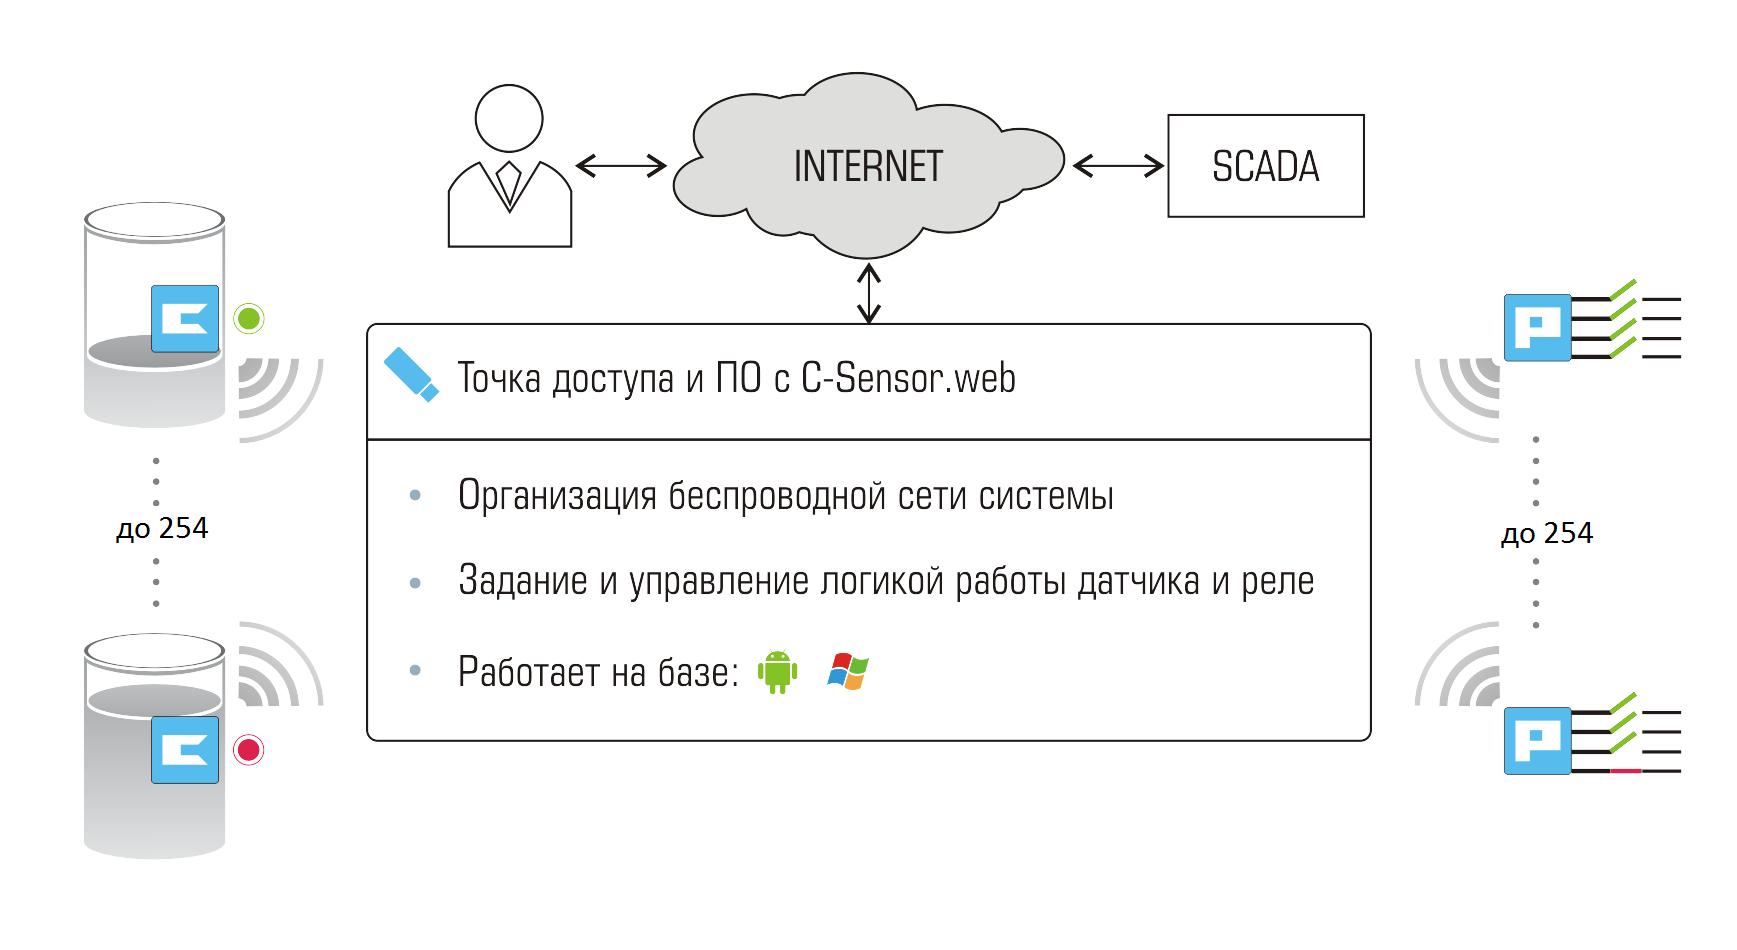 Схема организации радиосети системы C-Sensor